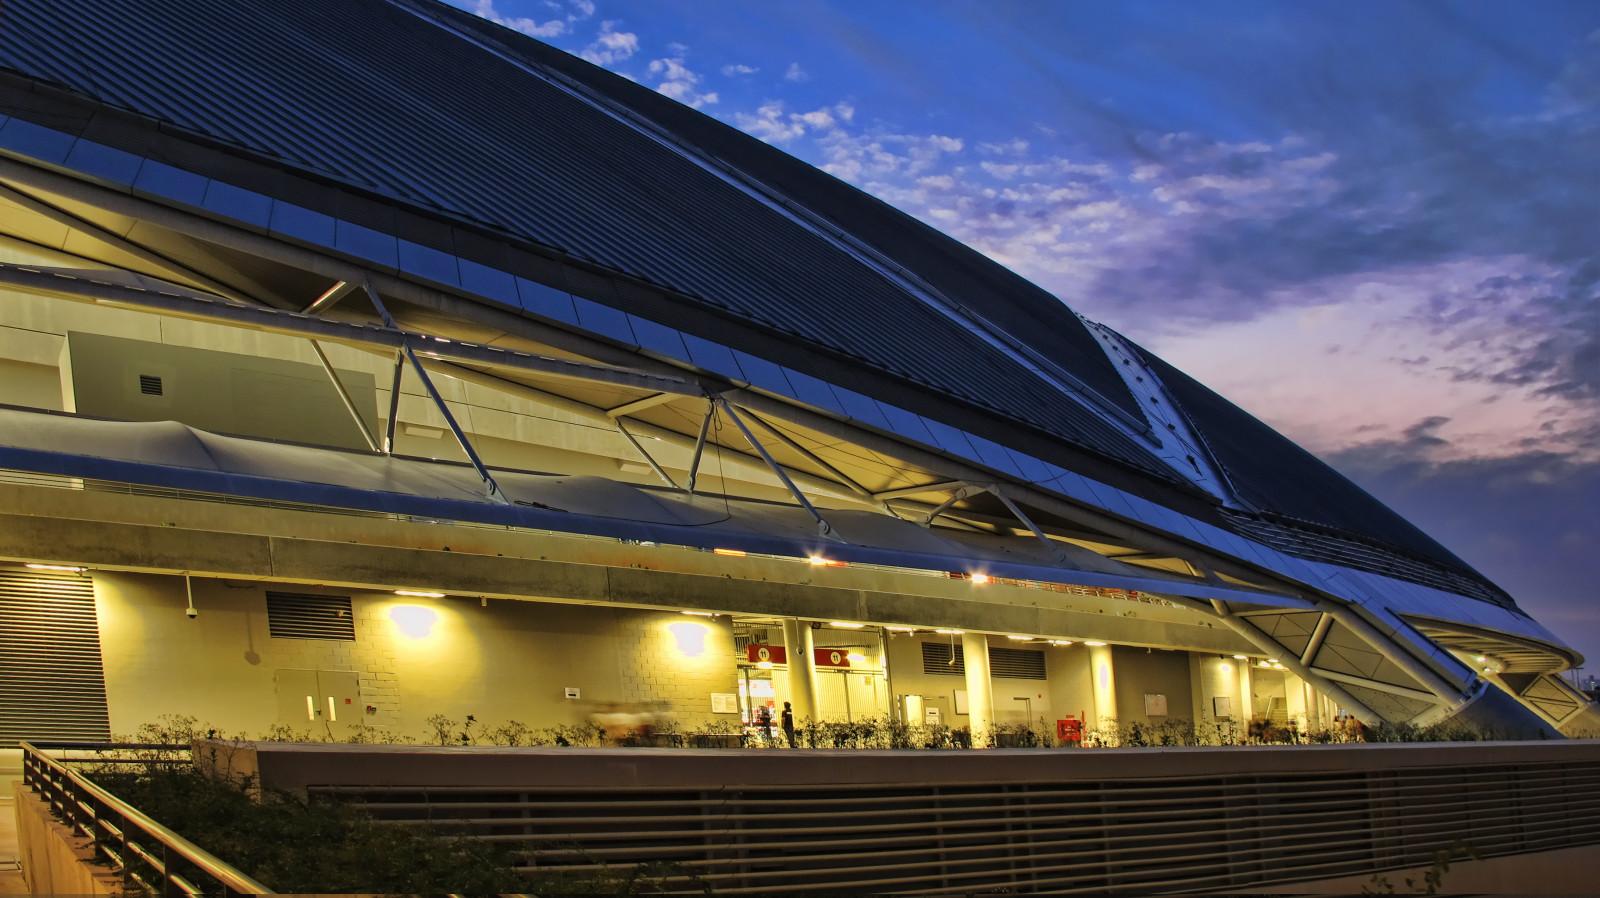 Hintergrundbilder : Sport, Nacht , Die Architektur, Singapur, Gebäude,  Betrachtung, Himmel, Haus, Tourismus, Abend, Modern, Kuppel, Struktur,  Attraktion, ...